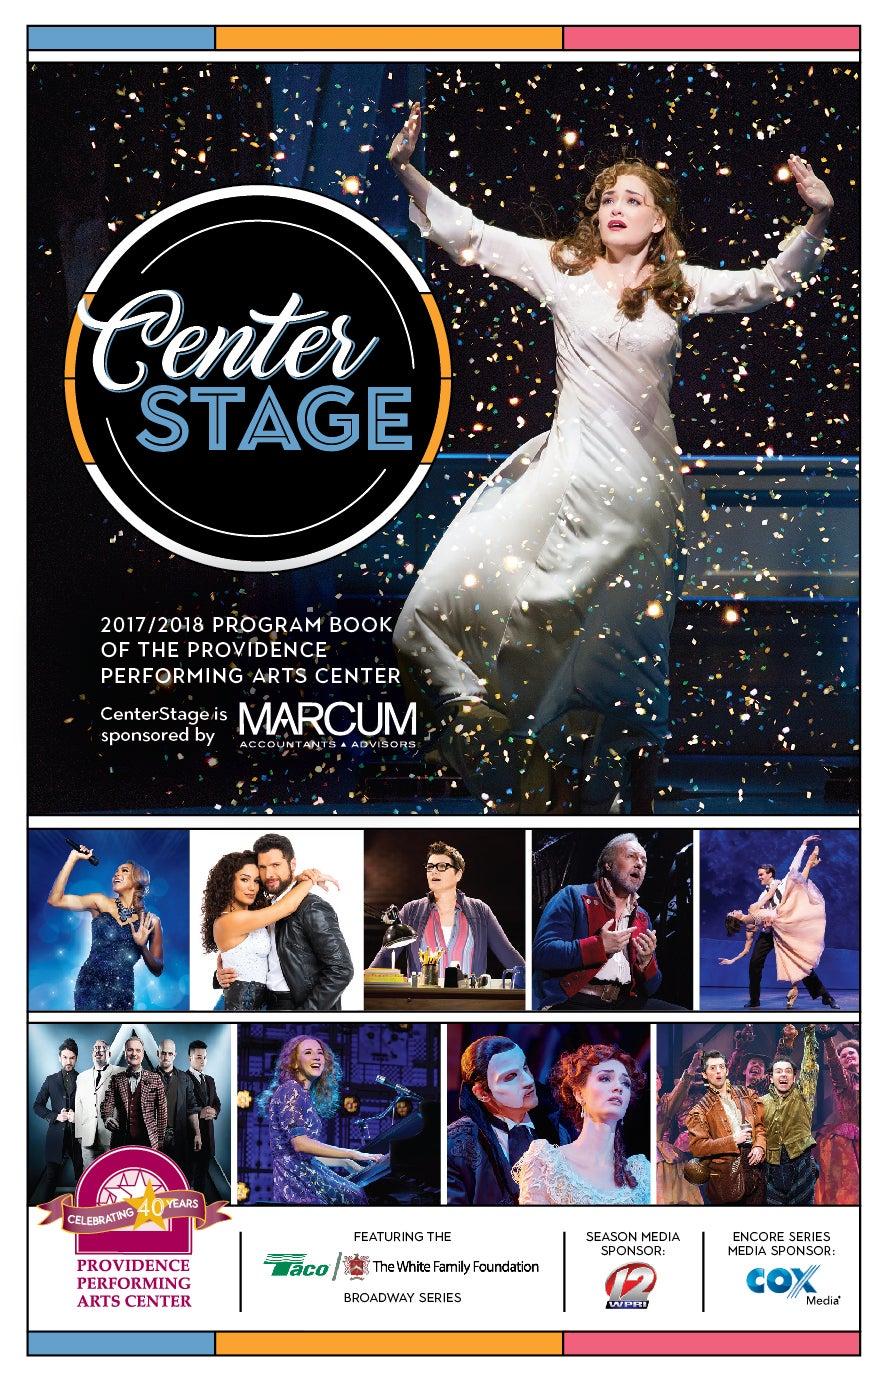 2017/2018 Centerstage